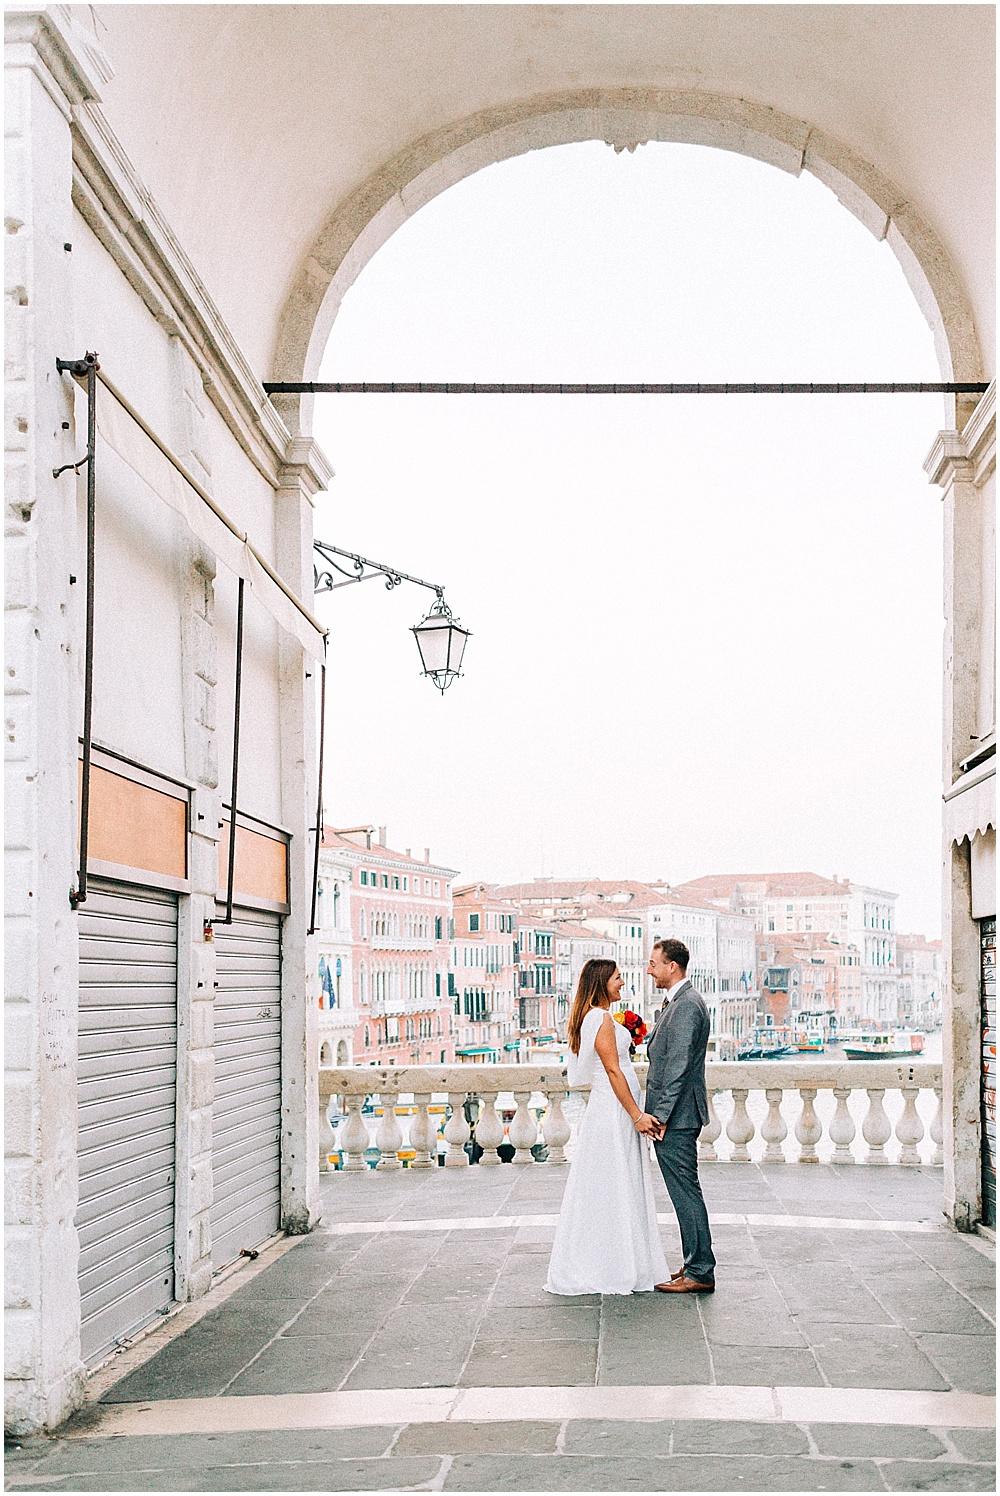 Venice-italy-wedding-photographer-stefano-degirmenci_0531.jpg